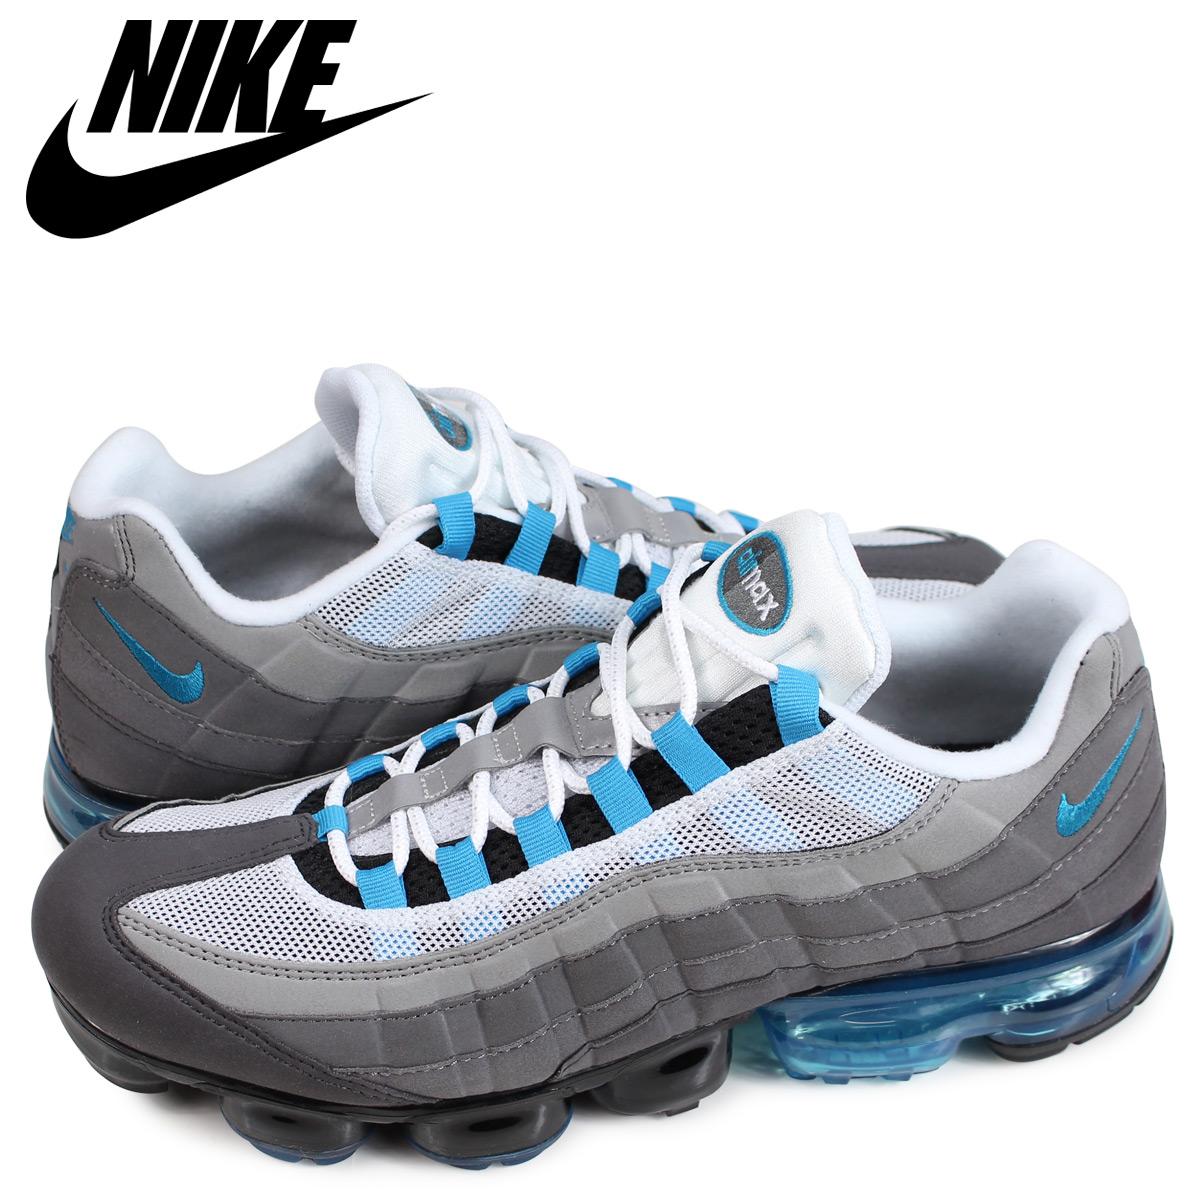 check out 5bd1d 89772 NIKE Nike vapor max 95 sneakers men AIR VAPORMAX 95 black black AJ7292-002